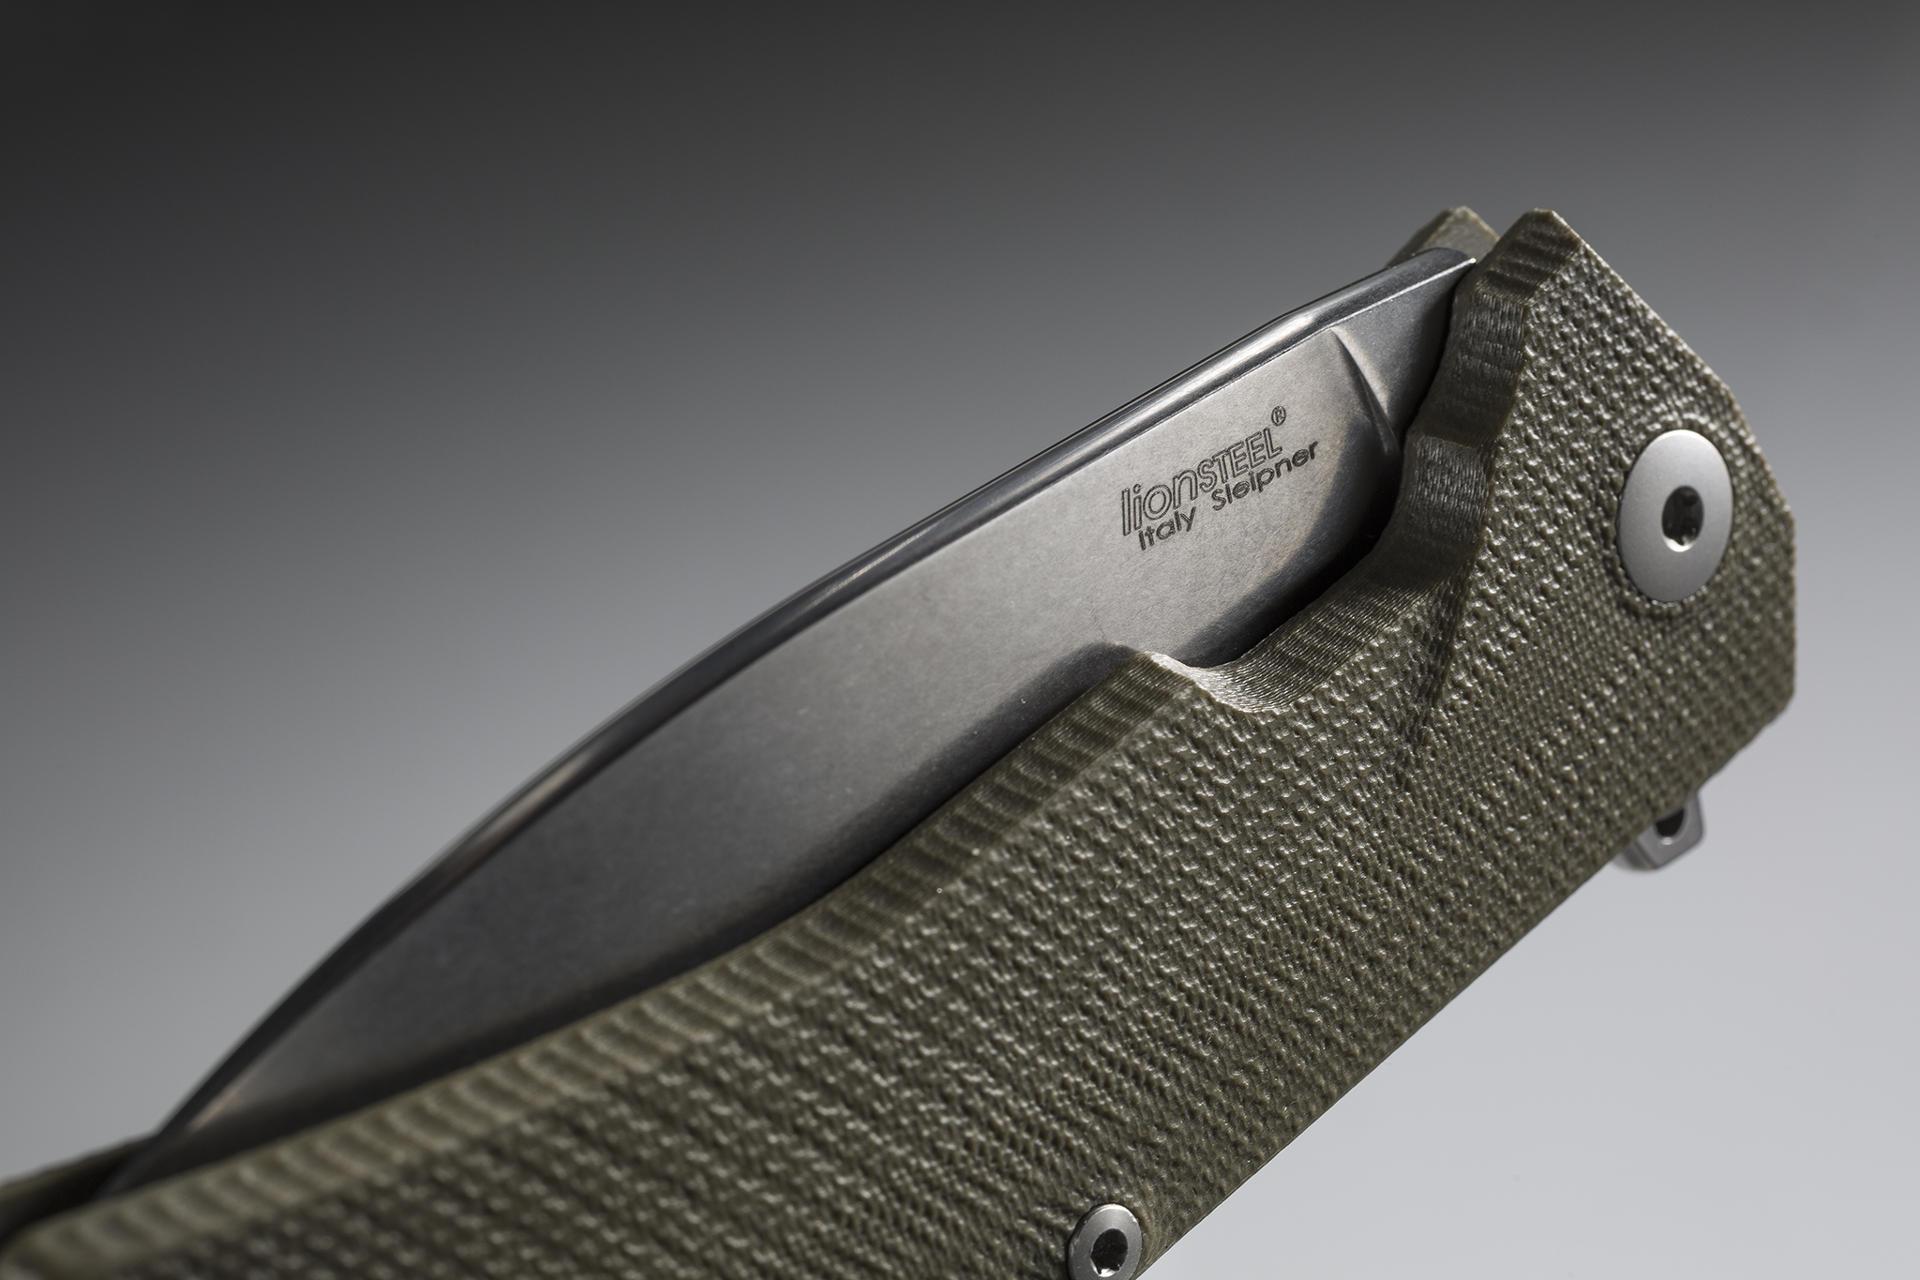 Фото 4 - Нож складной LionSteel KUR GR G10 Green Flipper, сталь Uddeholm Sleipner®, стеклотекстолит, зелёный от Lion Steel